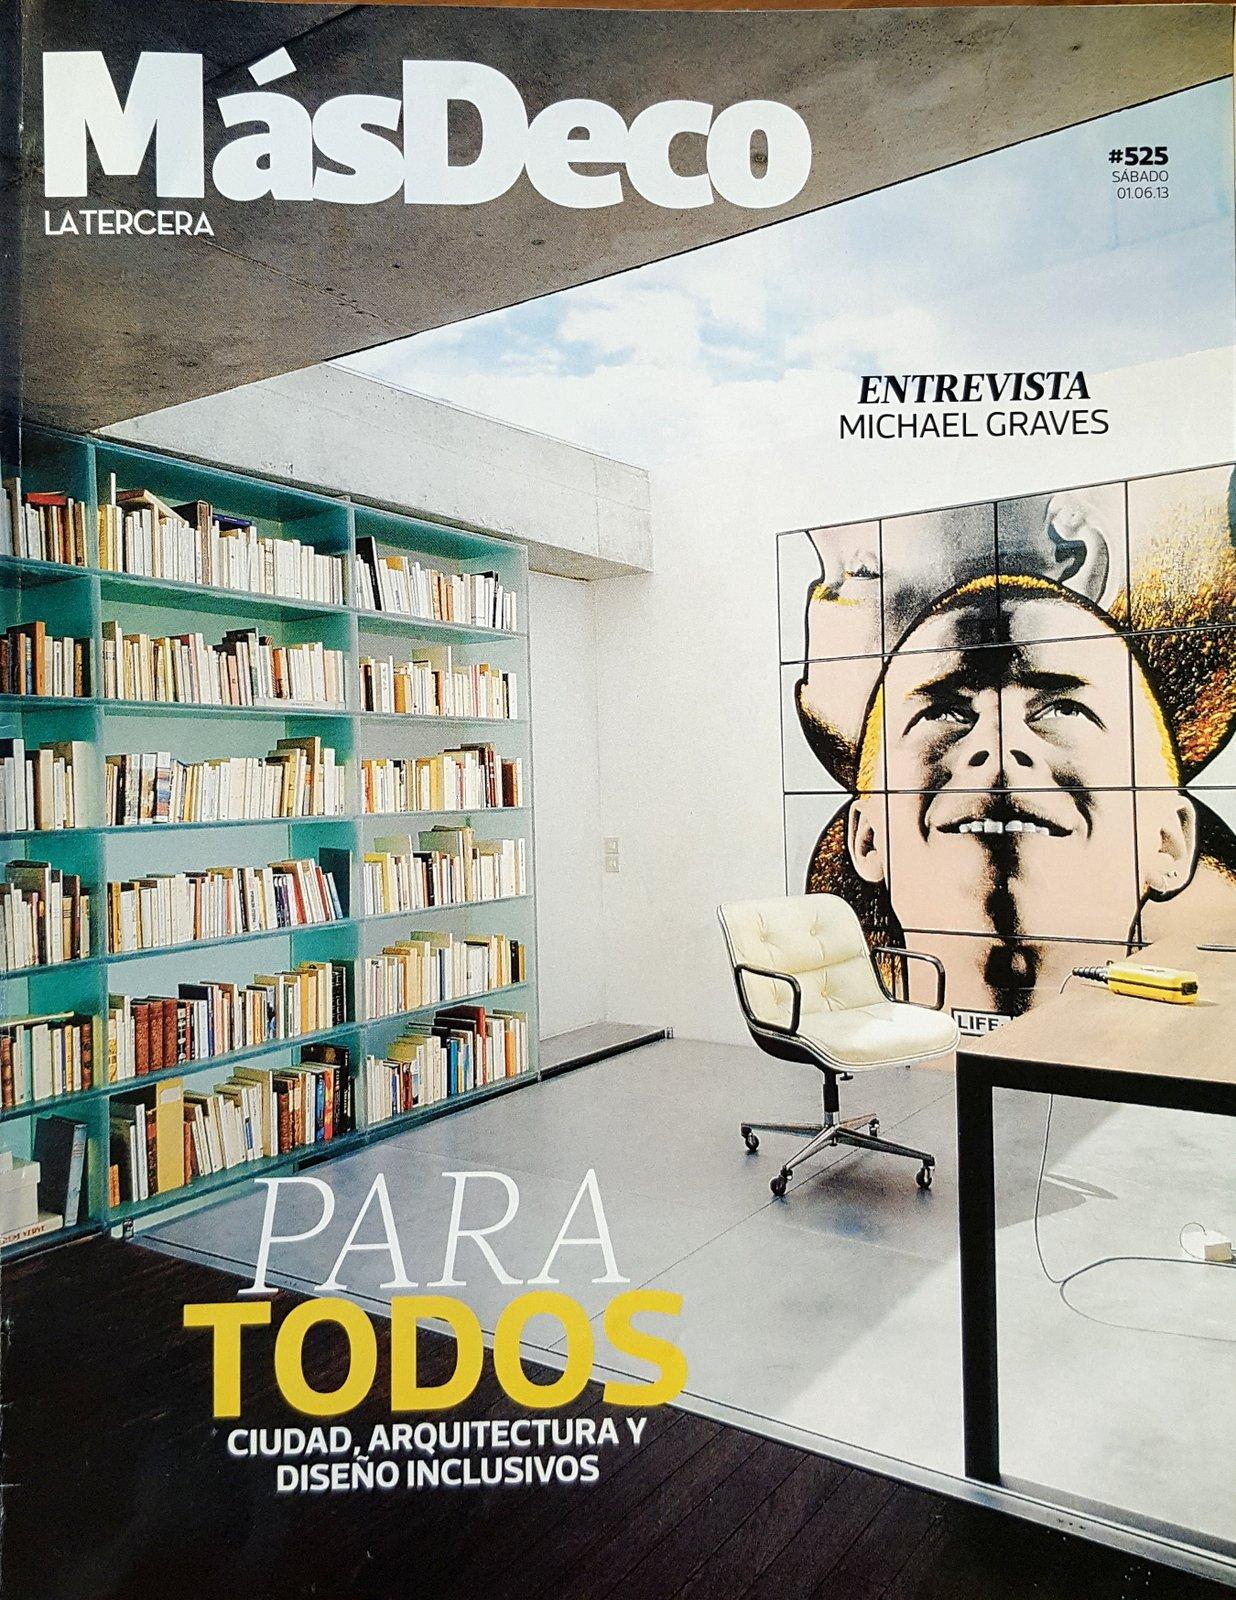 MásDeco La Tercera 01-06-2013